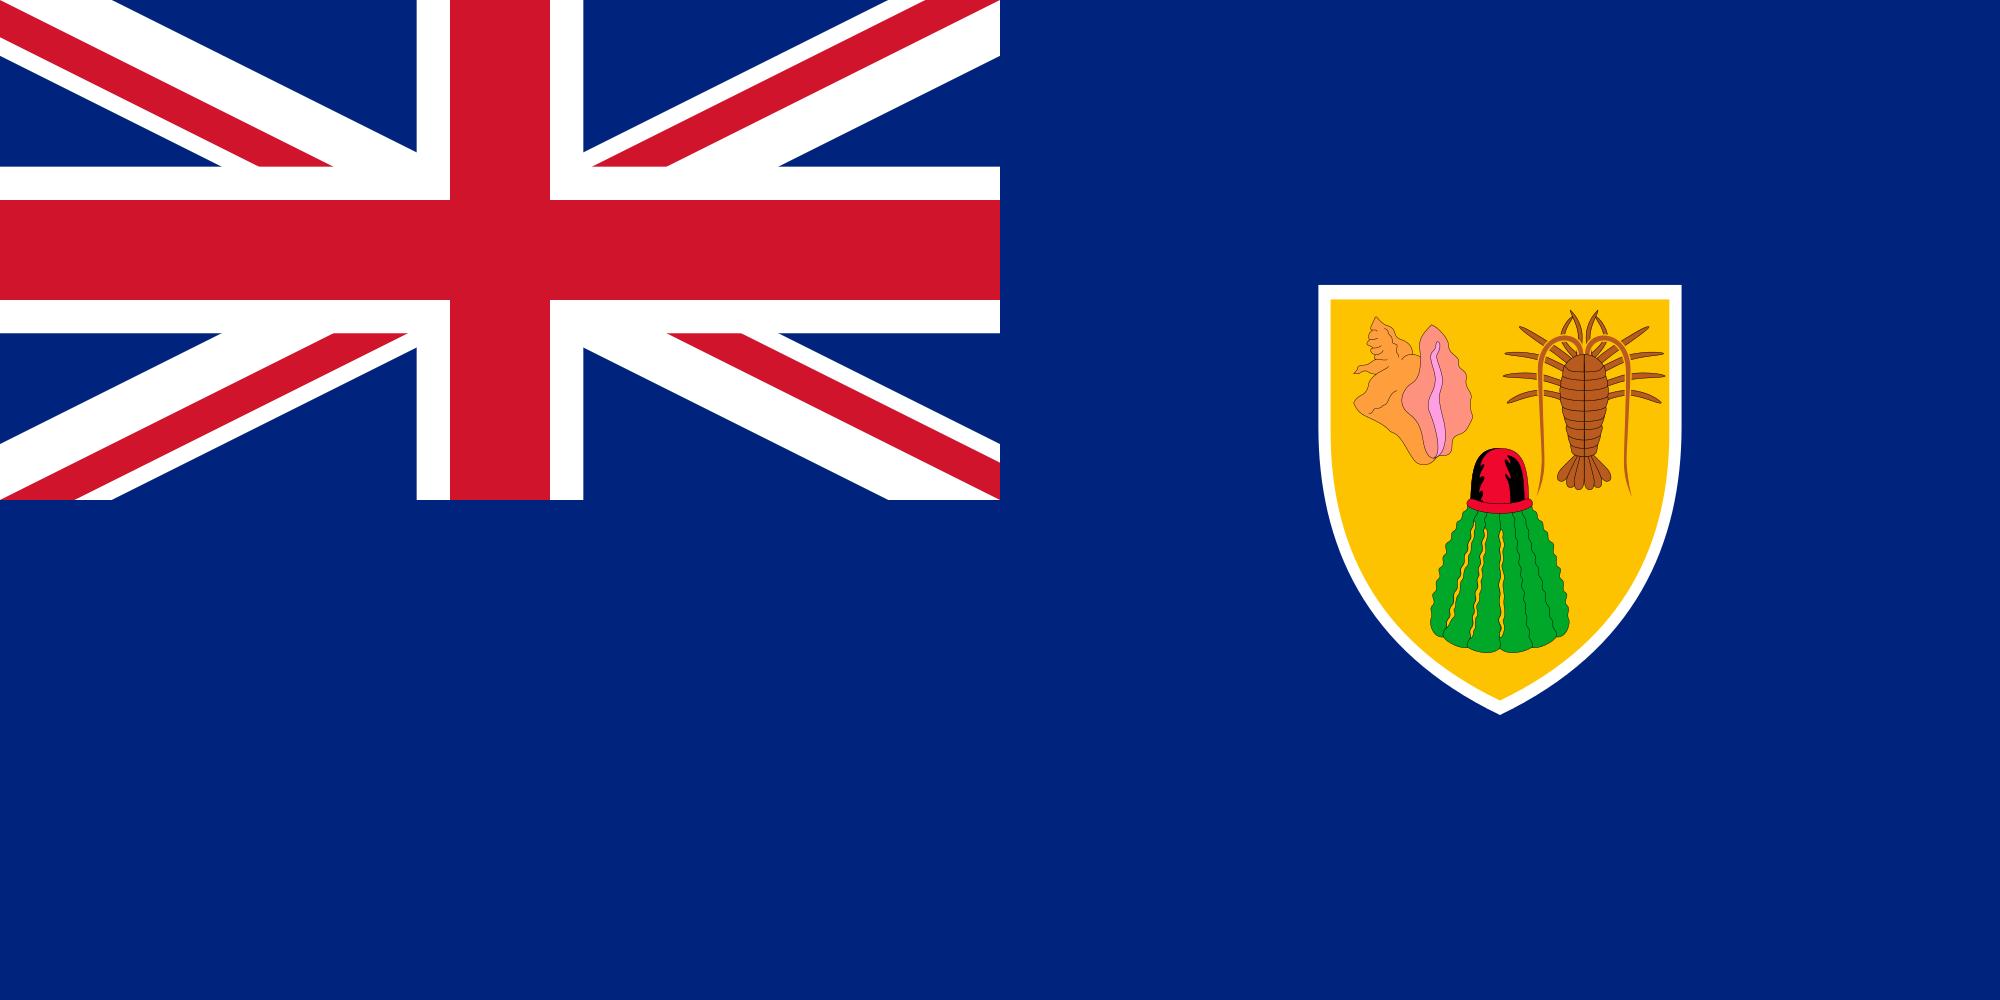 islas turcas y caicos, país, emblema, insignia, símbolo - Fondos de Pantalla HD - professor-falken.com